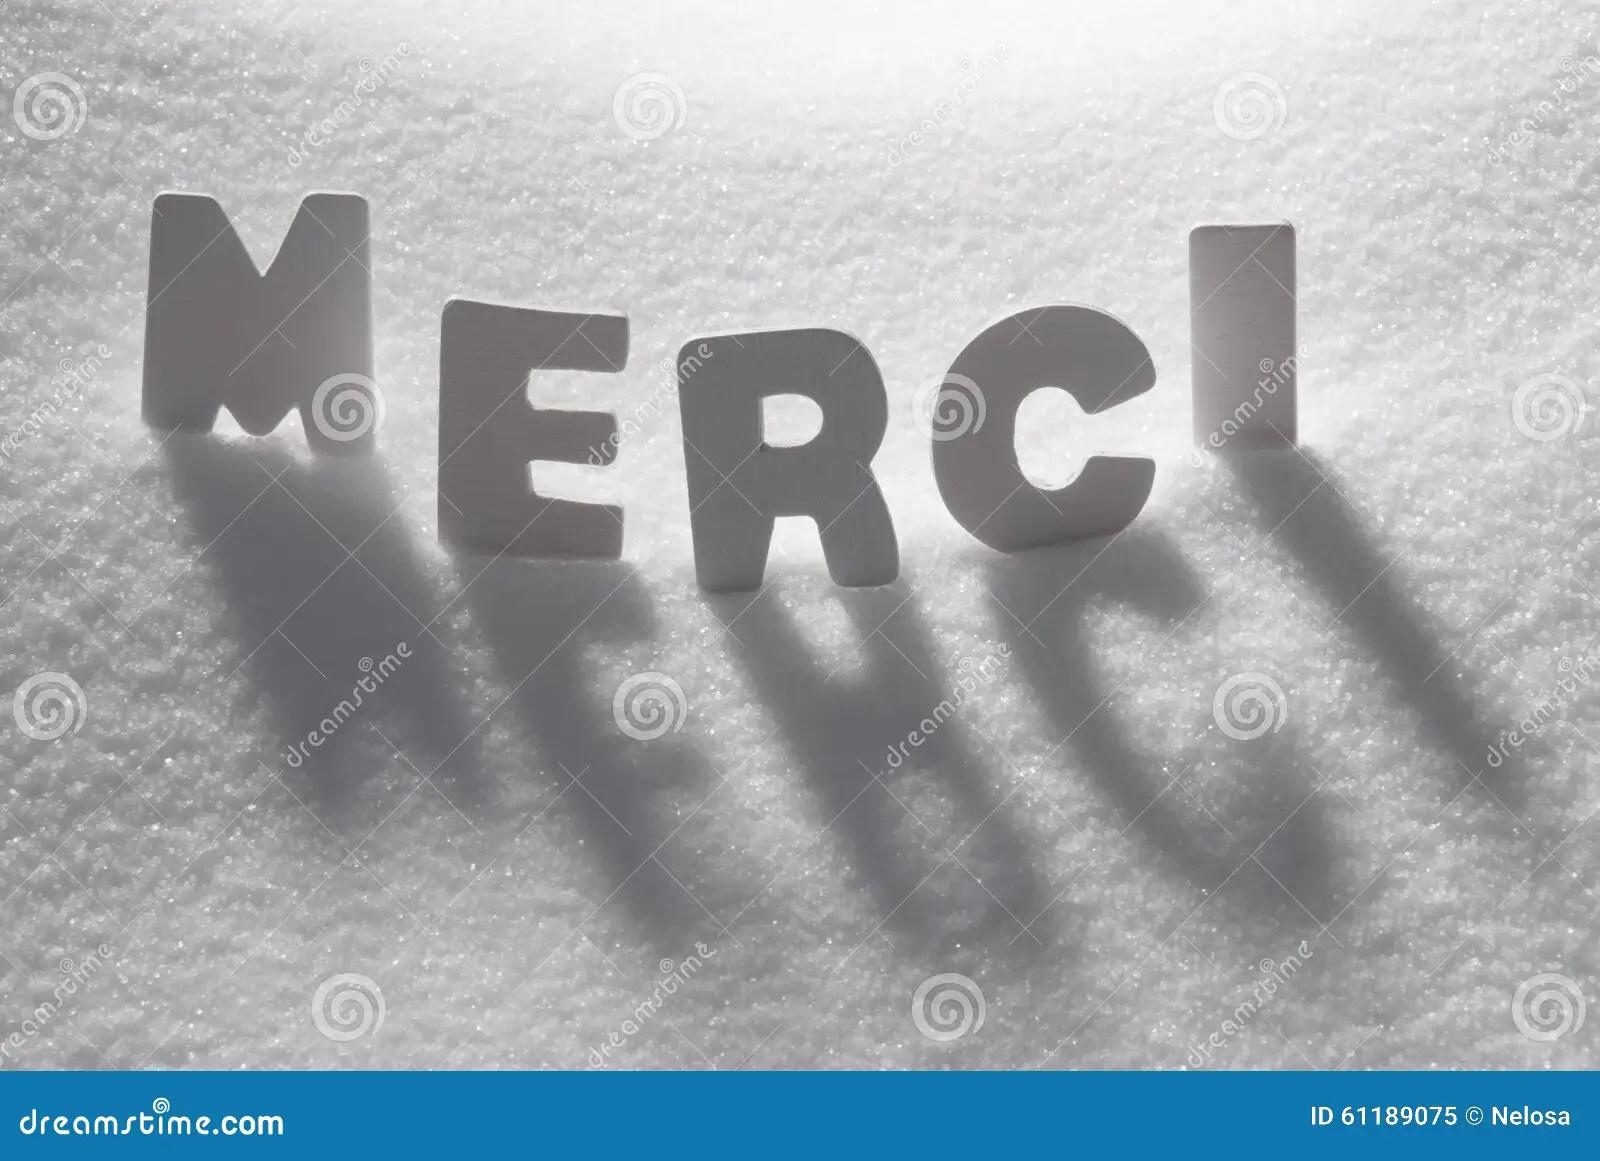 White Word Merci Means Thank You On Snow Stock Photo